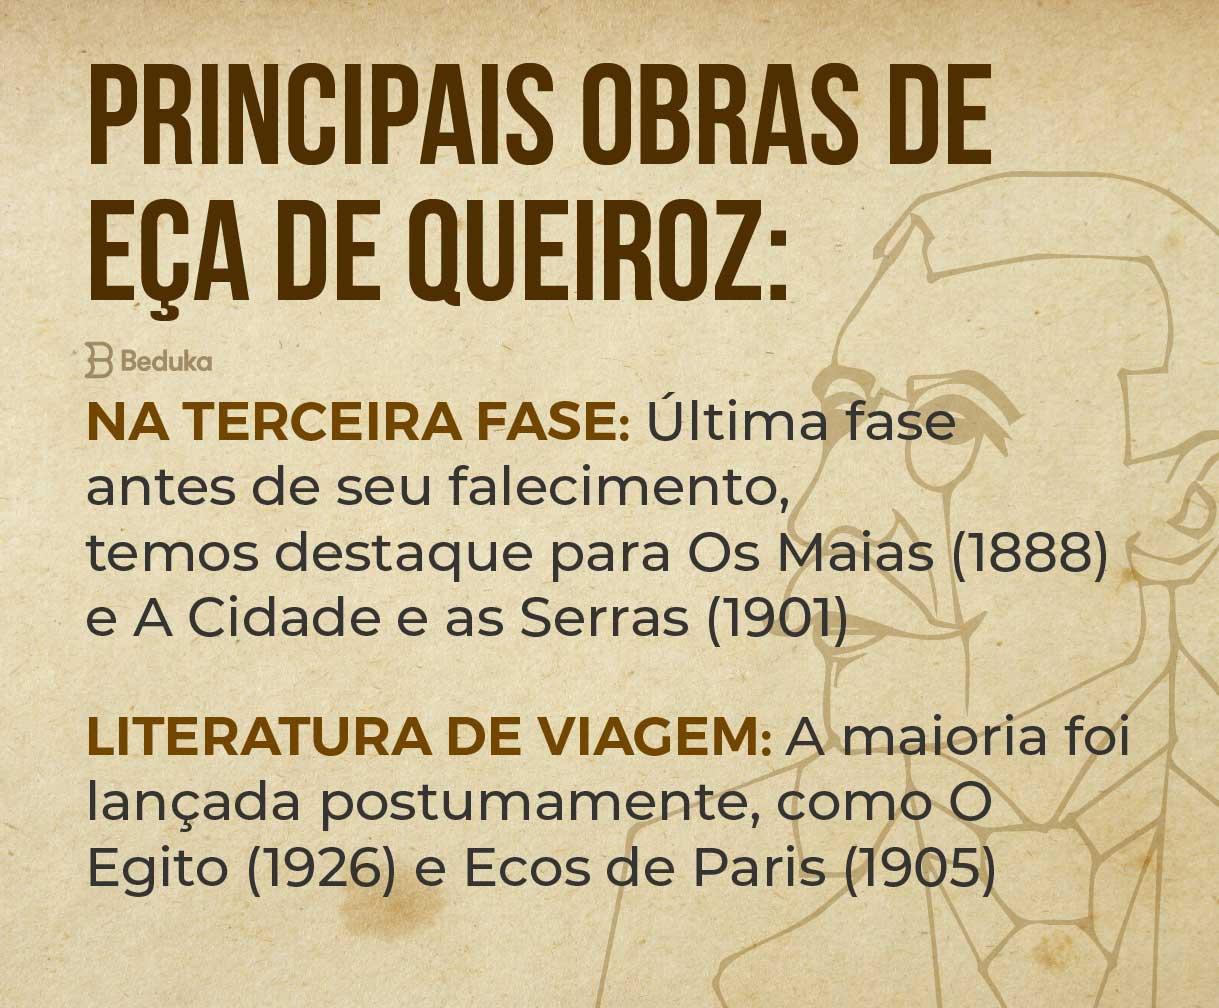 continuação das principais obras de Eça de Queiroz